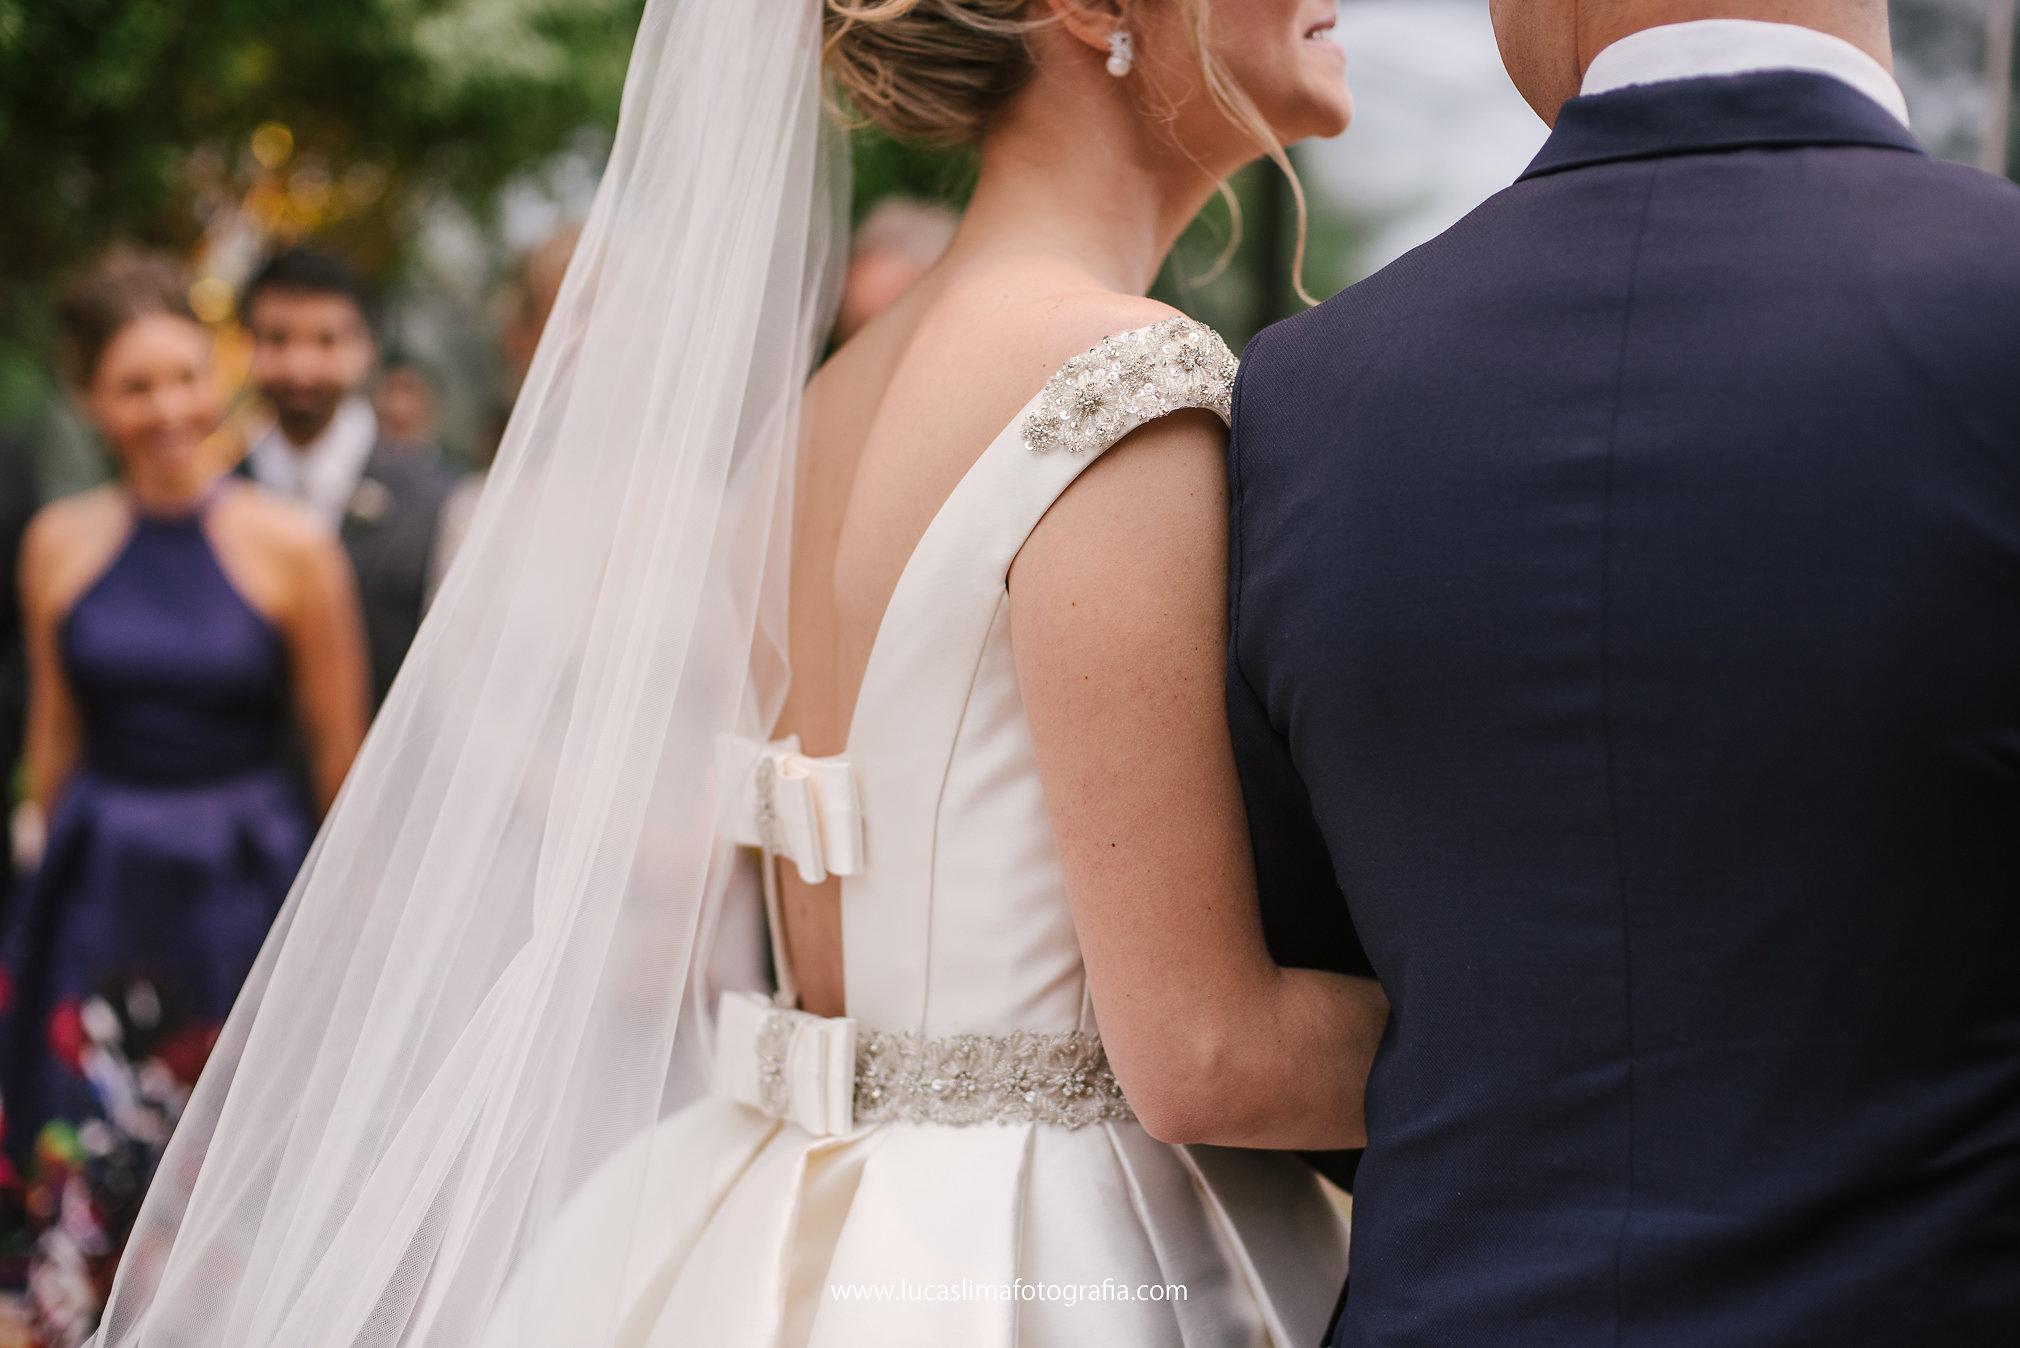 casamento-flavia-e-thomas-lucaslimafotografia-102